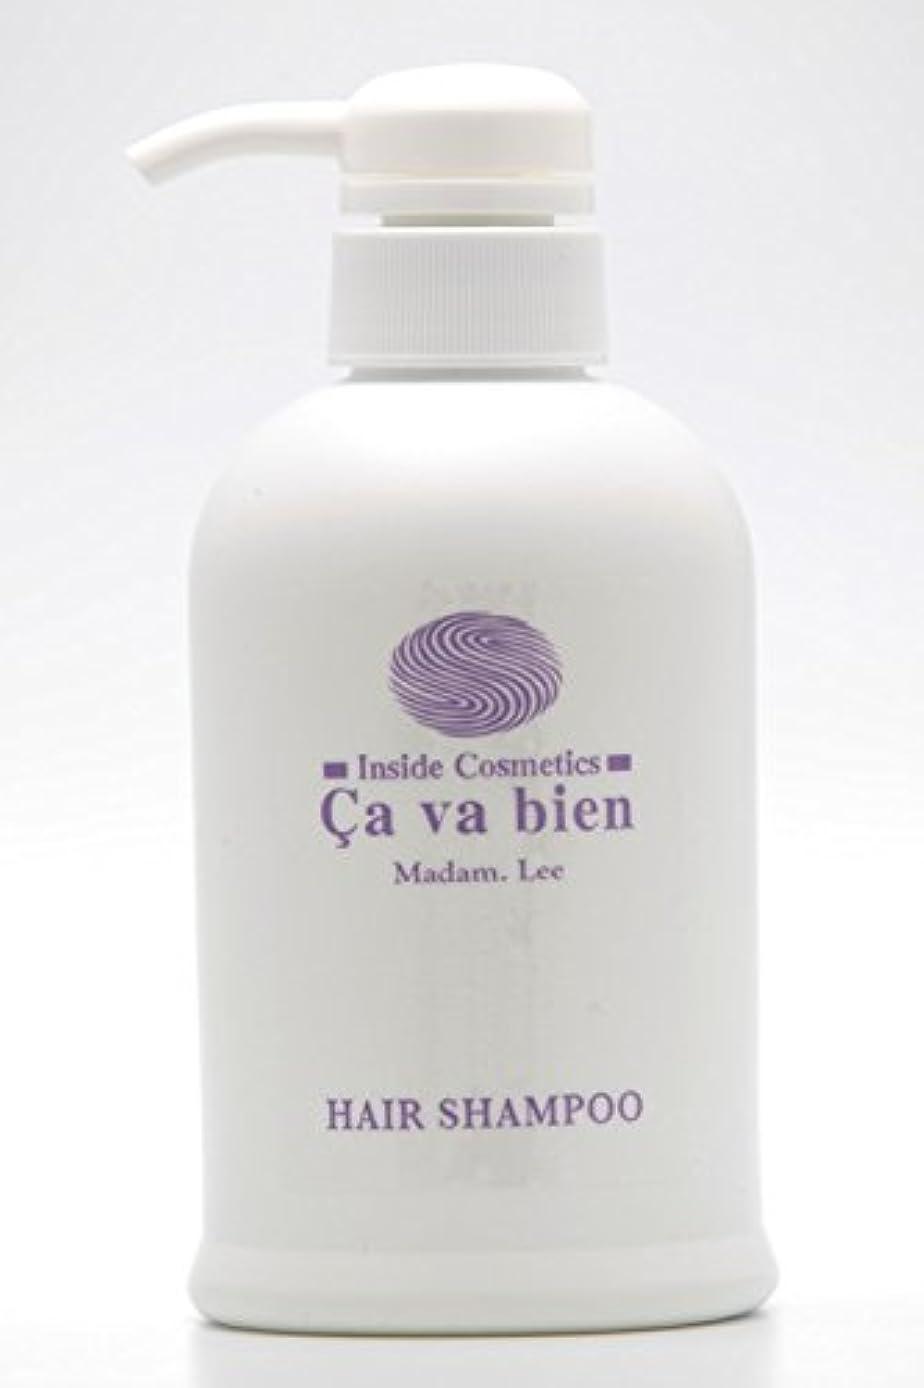 ノイズ圧縮するホールドアミノ酸シャンプー Hair Shampoo